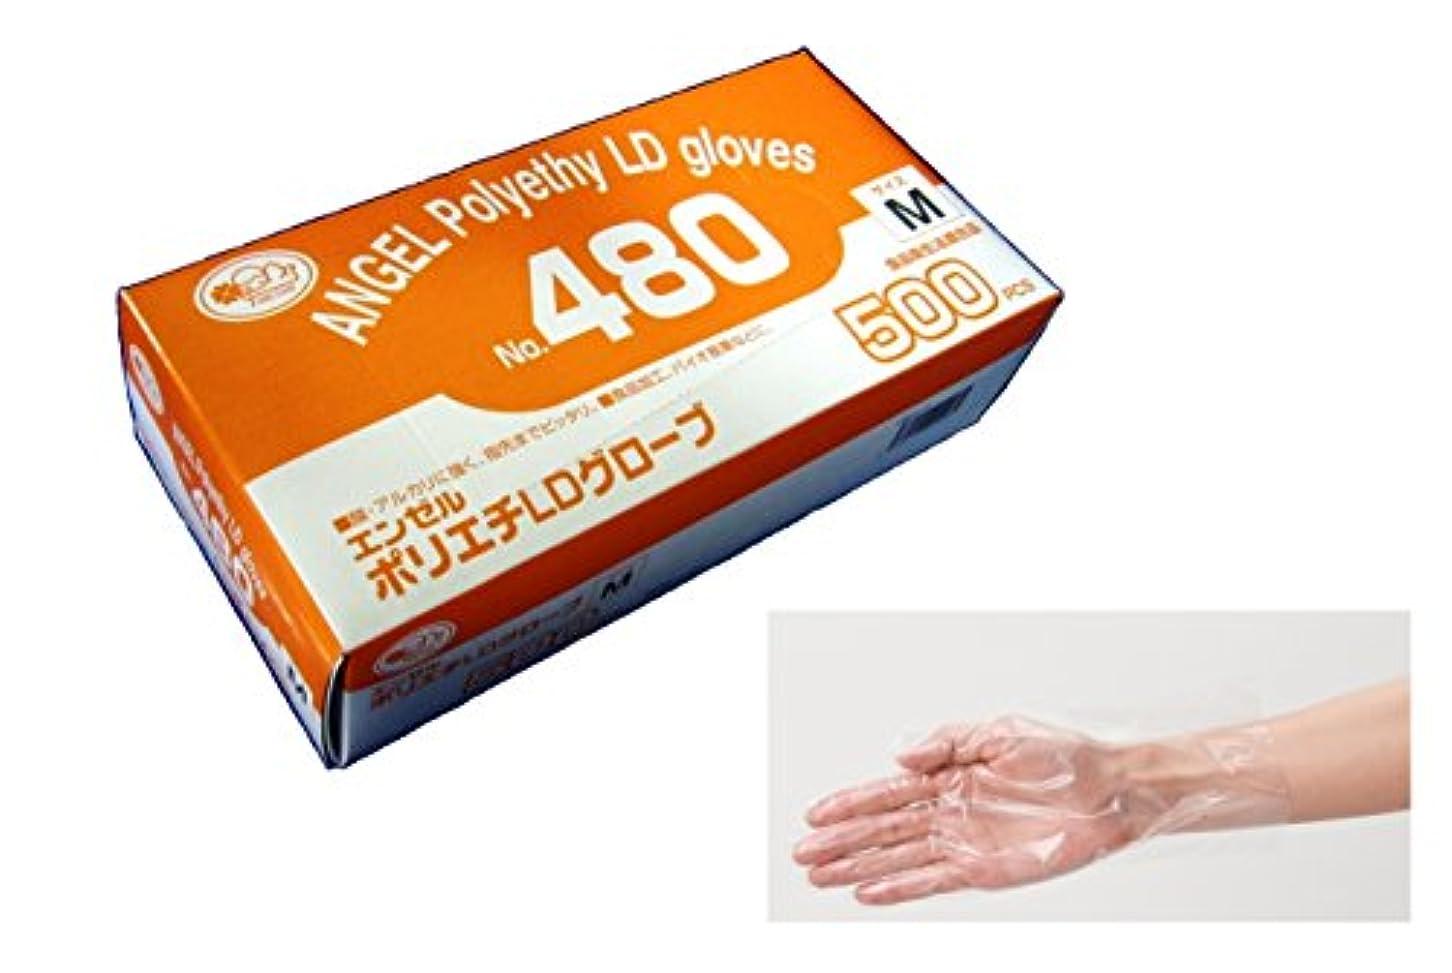 欲望ブラウン分数サンフラワー No.480 ポリエチLDグローブ クリア 箱入 500枚入り (M)